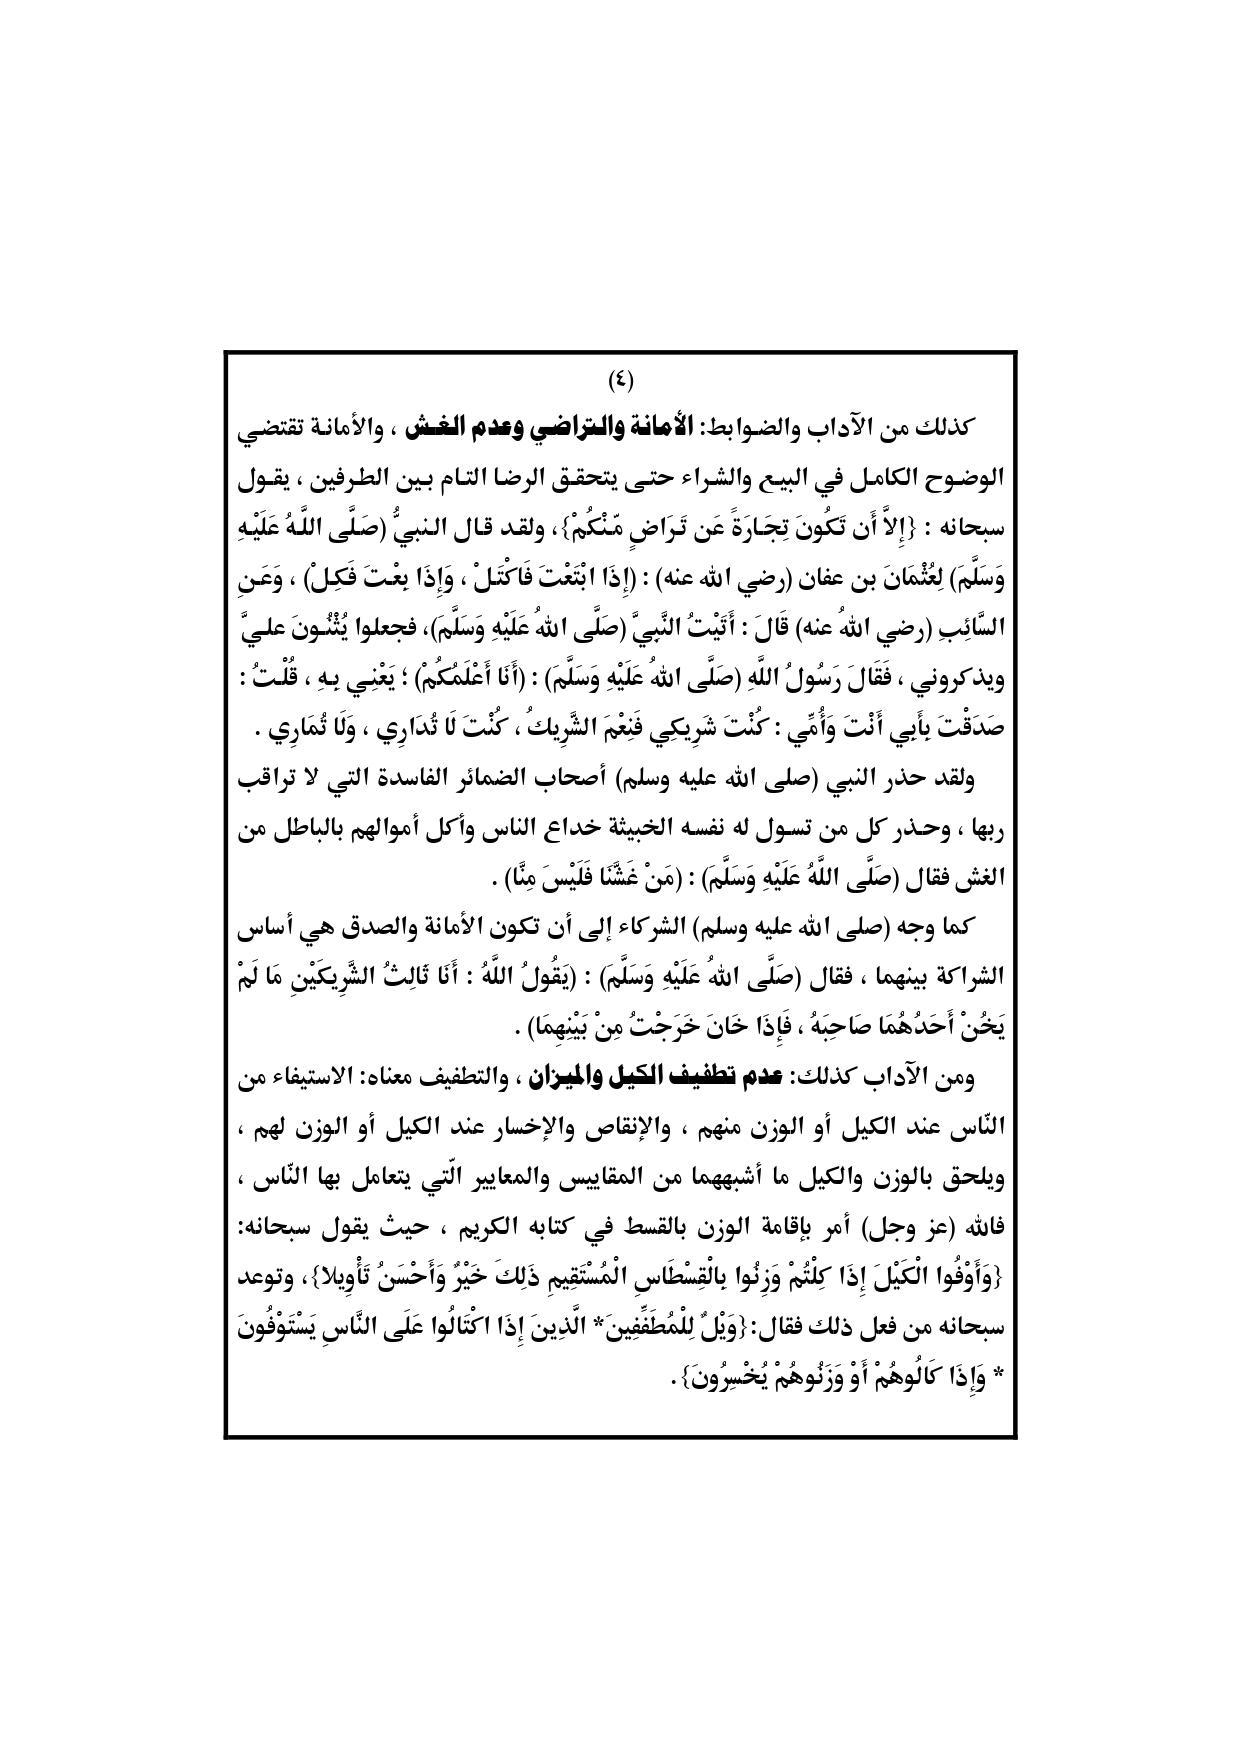 خطبة الجمعة القادمة لوزارة الأوقاف المصرية 12 أبريل 2019 ضوابط